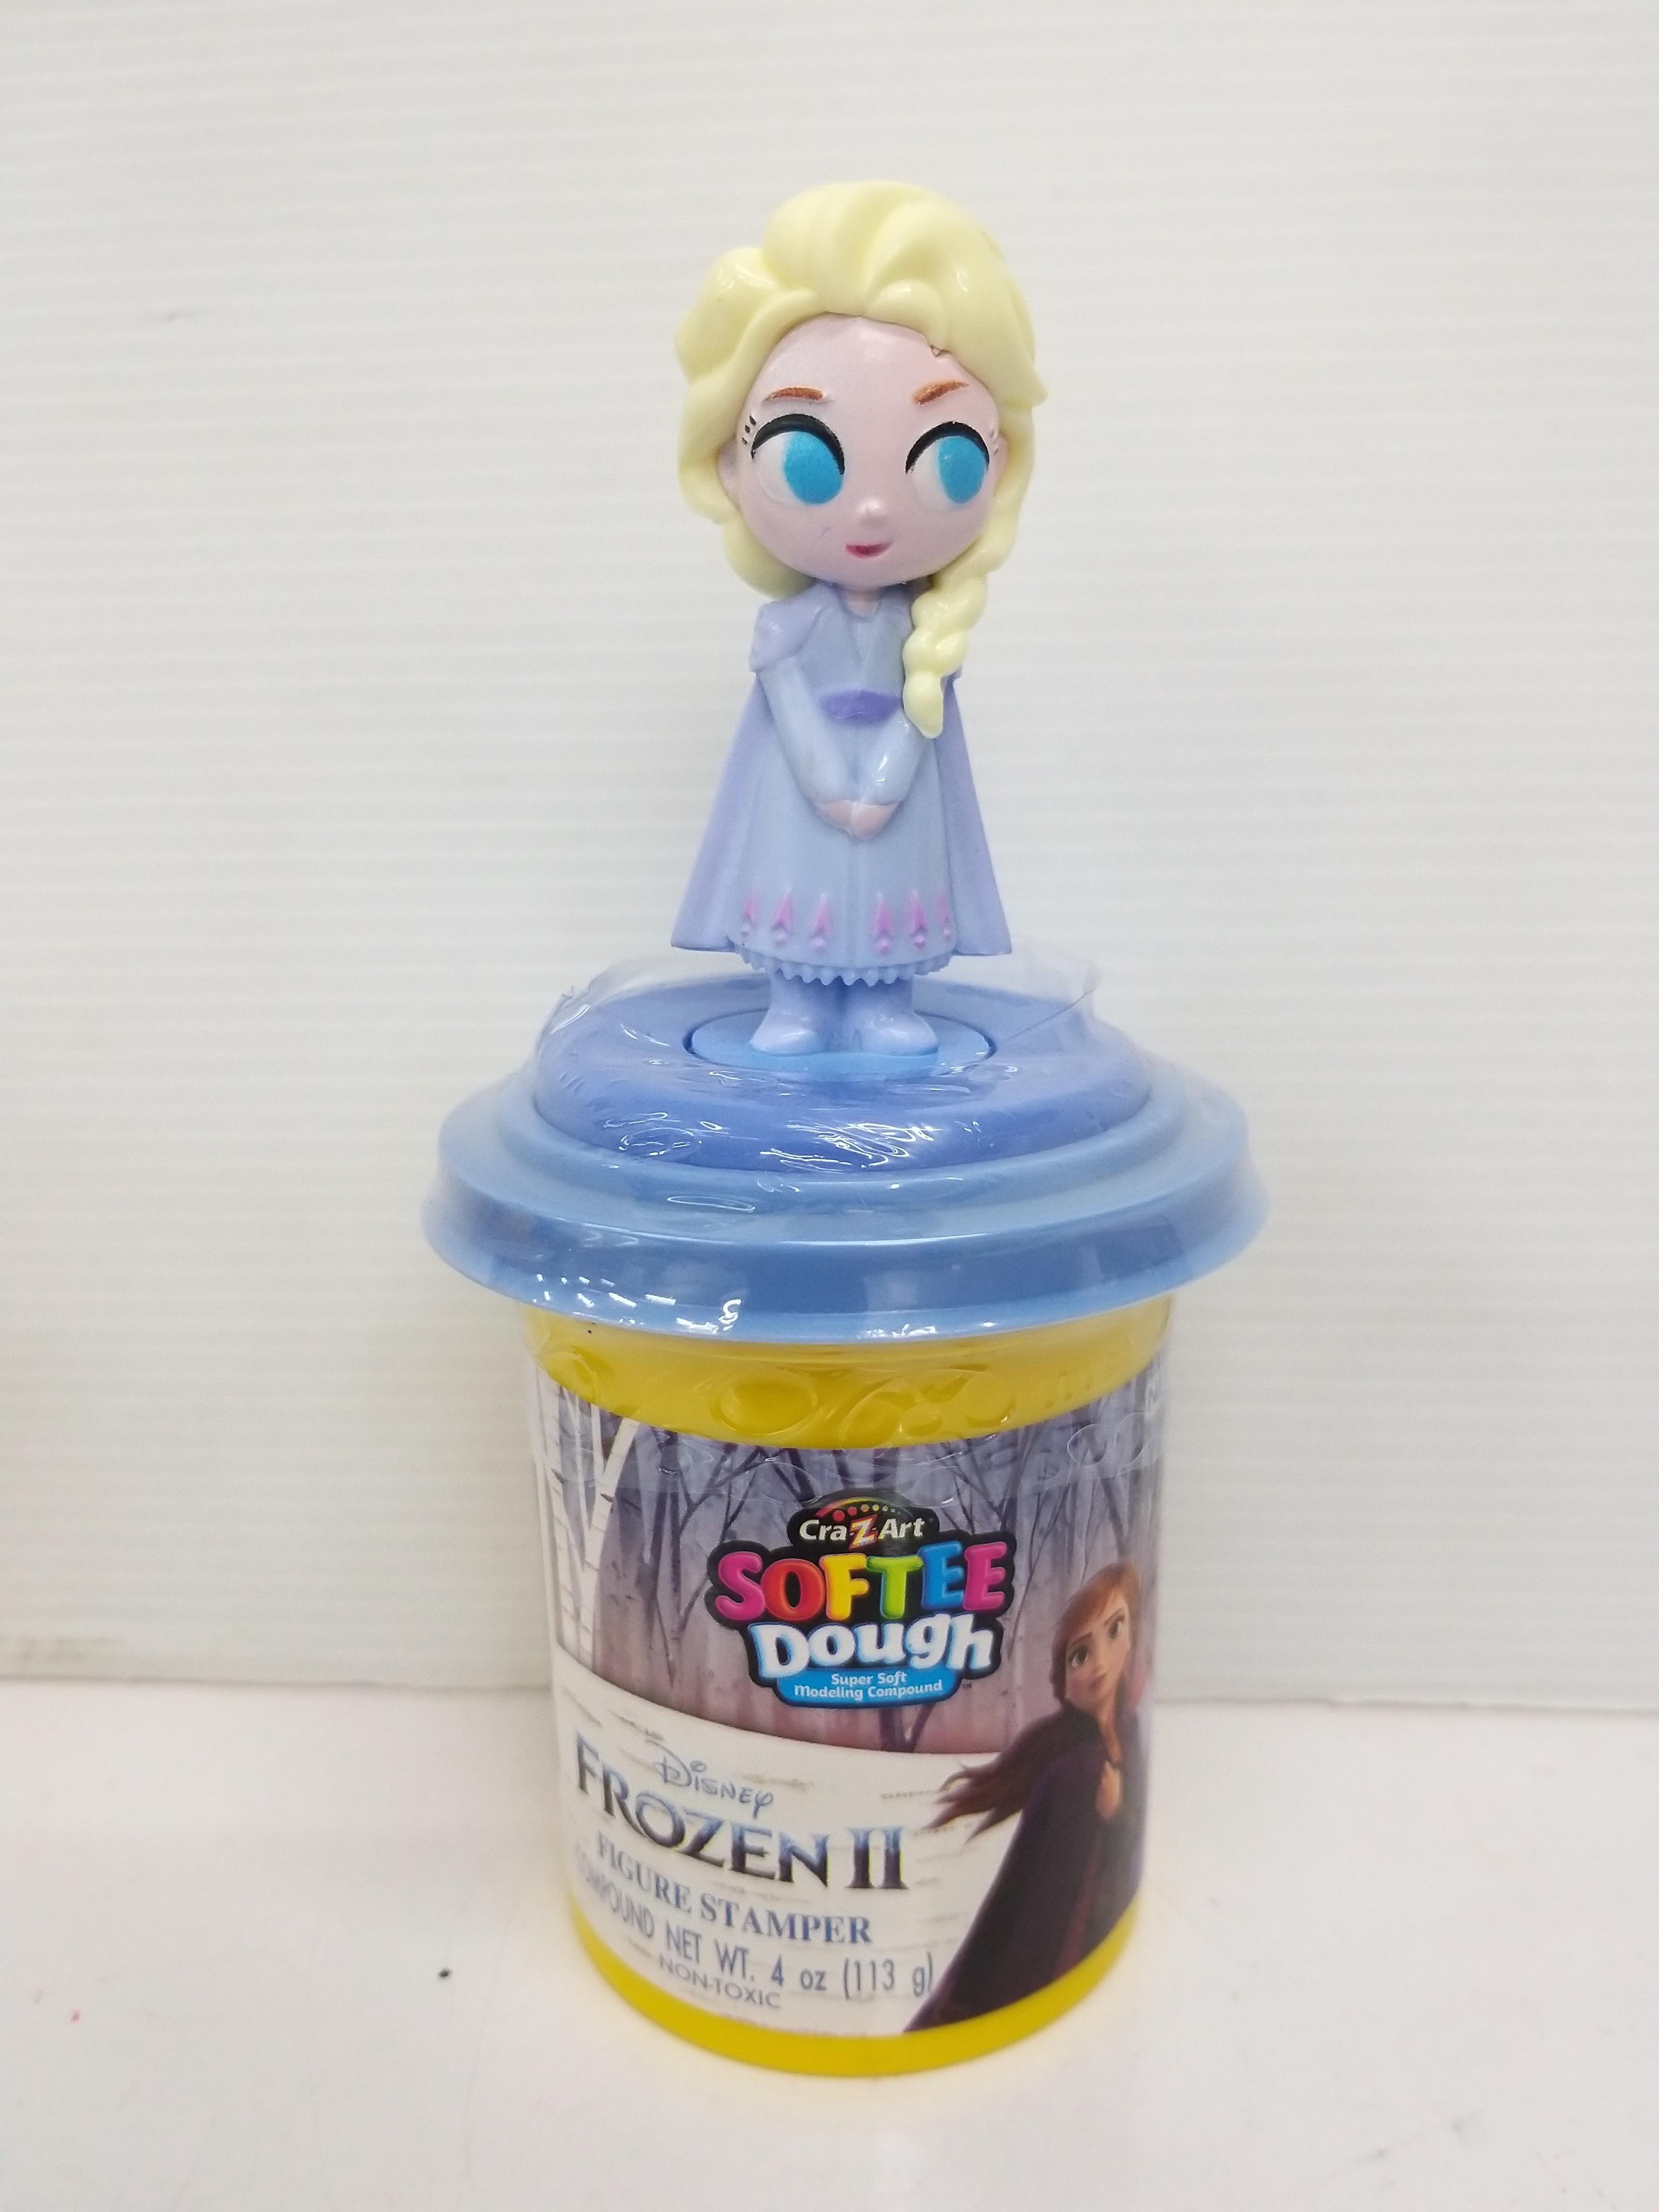 Disney Frozen II Softee Dough Figure Stamper Elsa